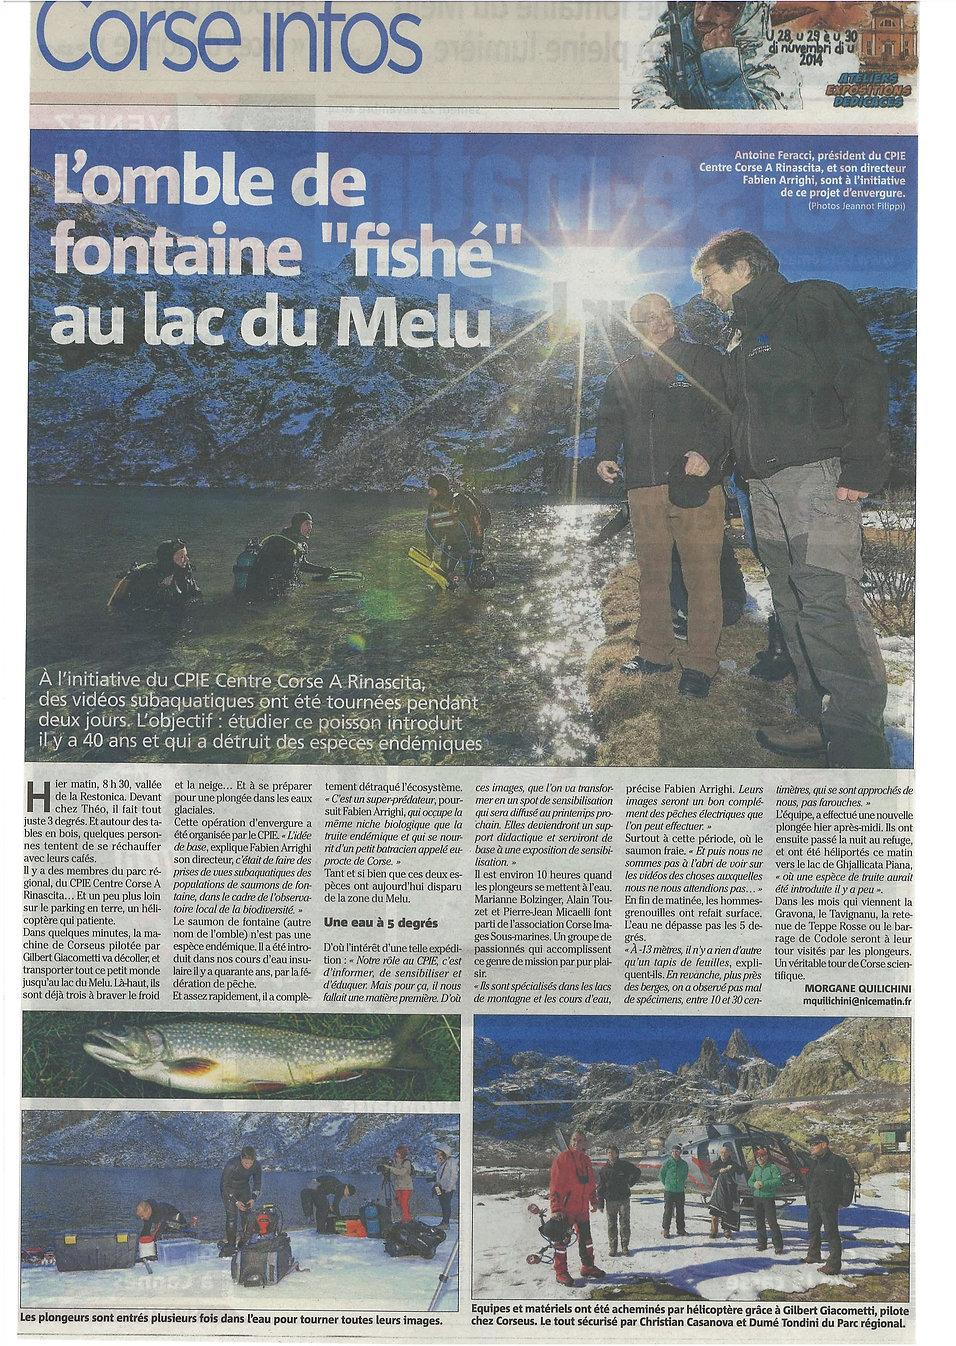 Corse plongée dans le lac du Melo